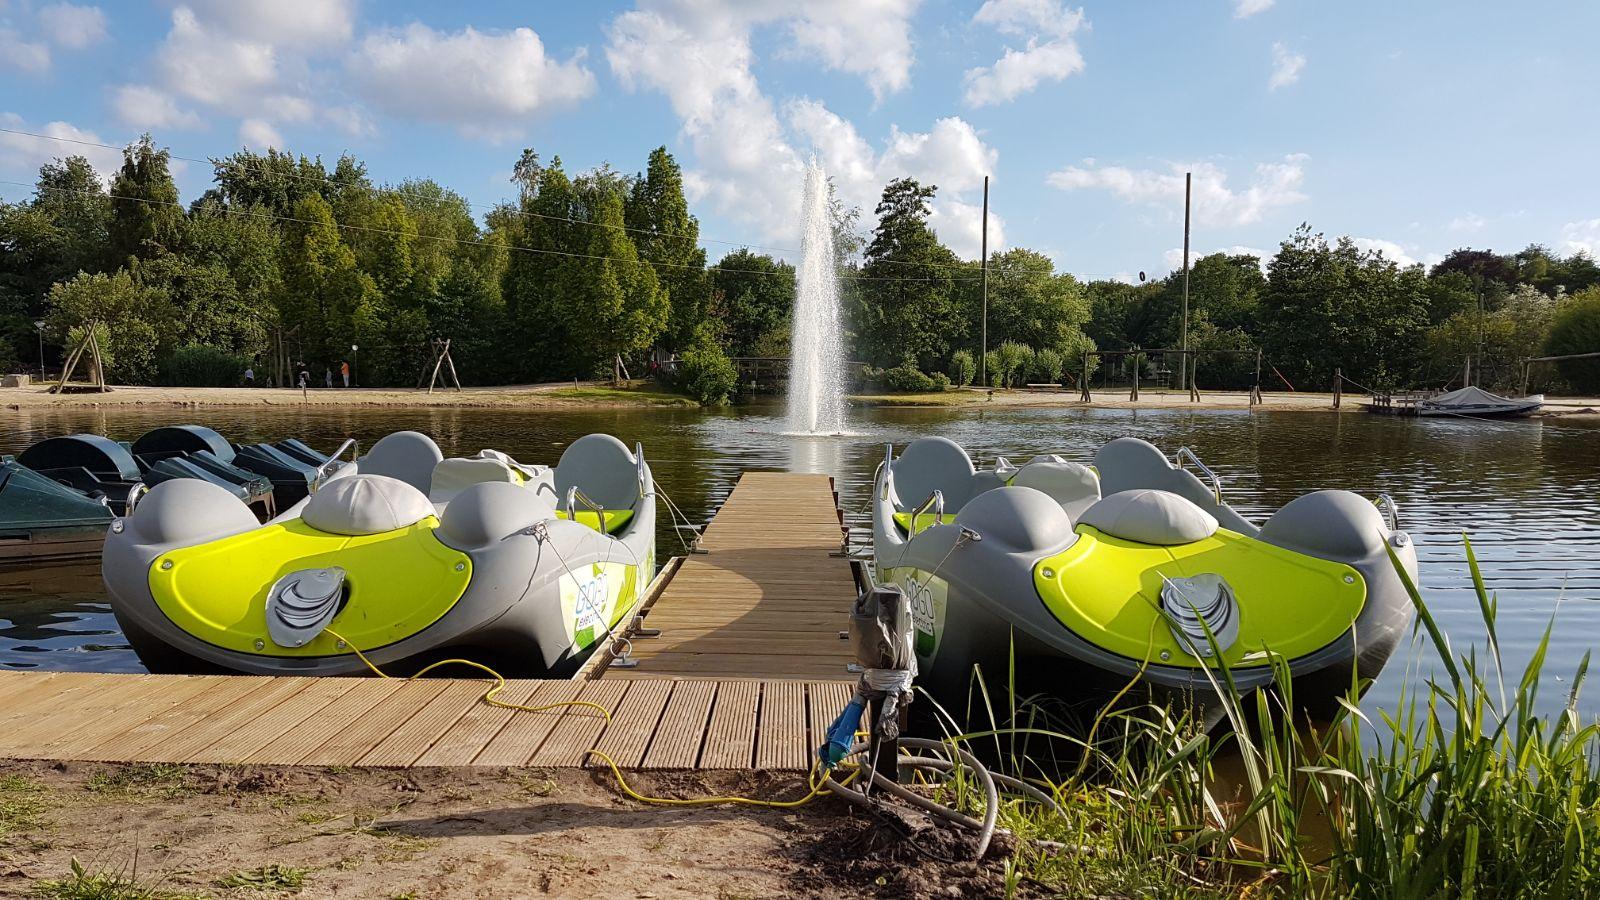 Electrische Waterfietsen @De Huttenheugte (1).jpg